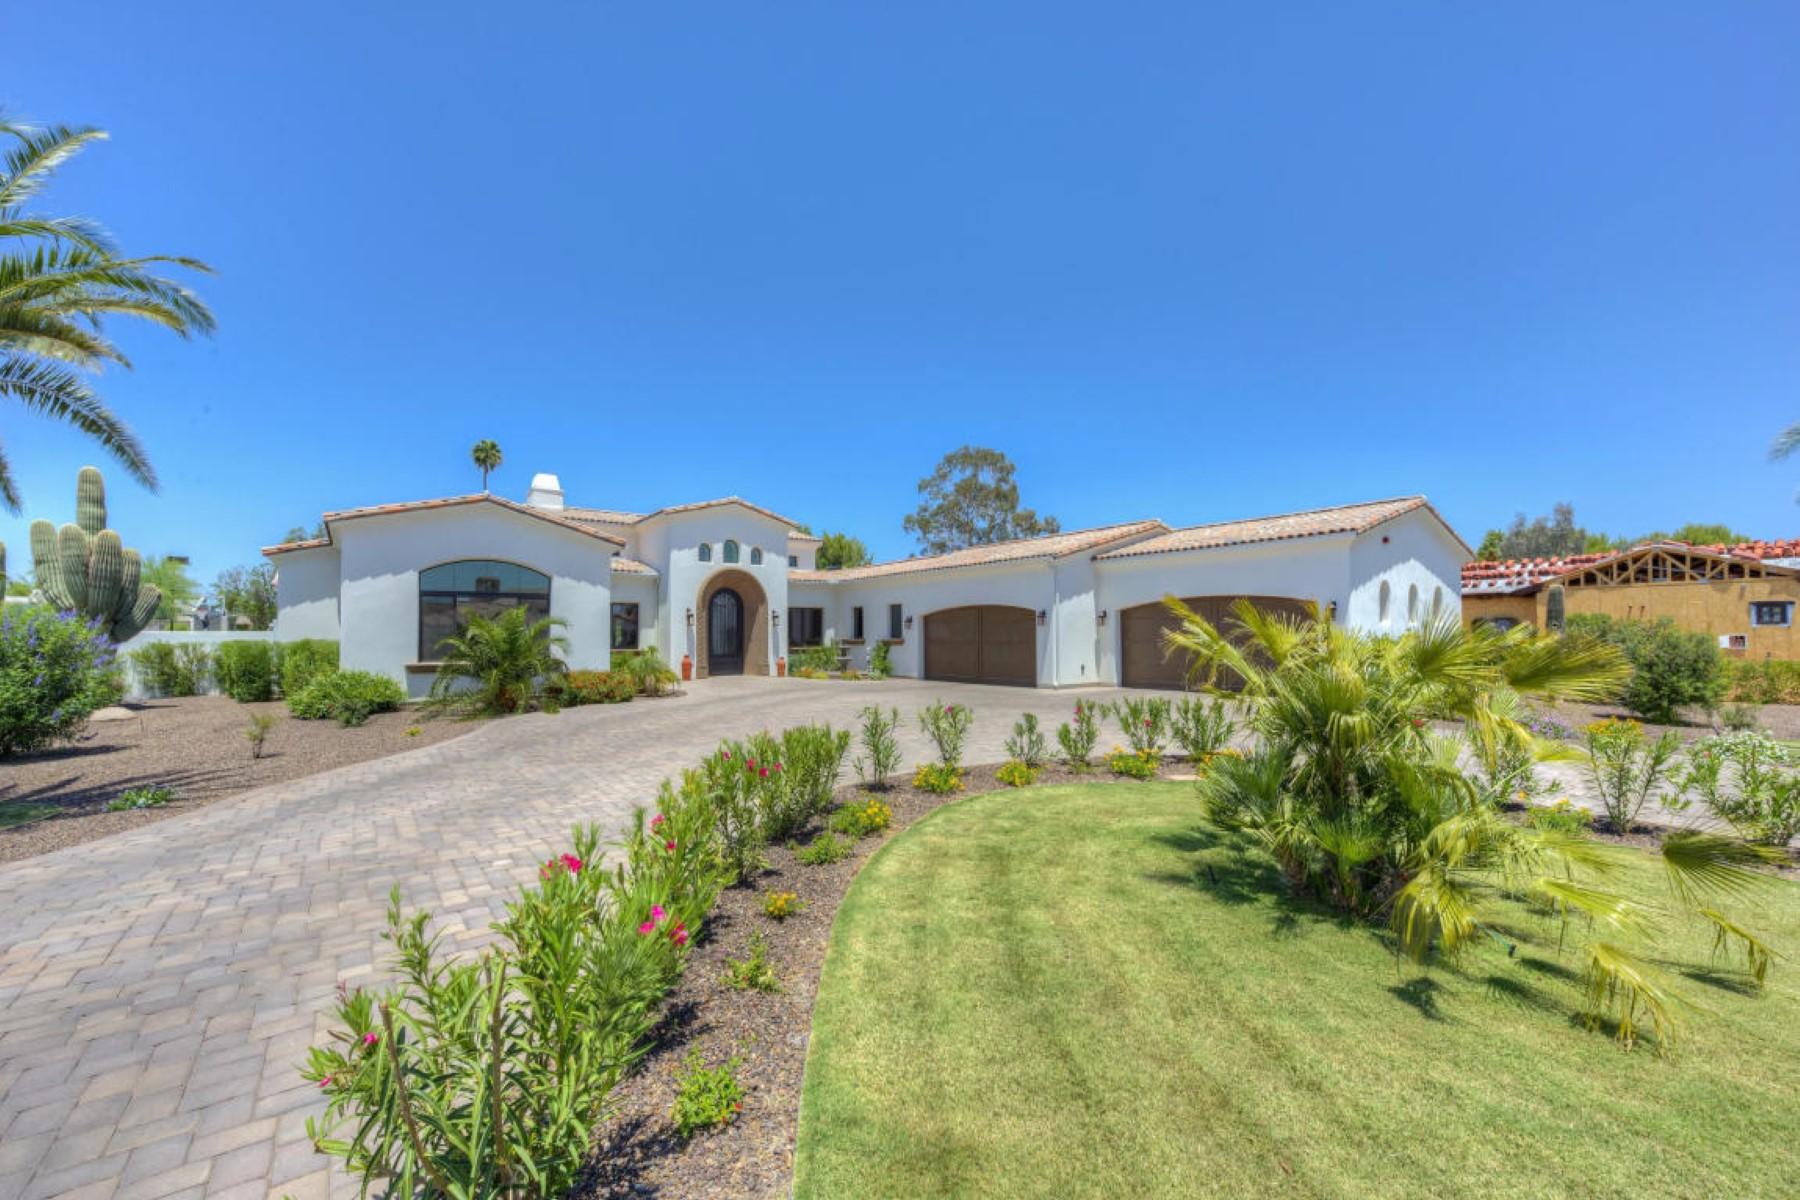 단독 가정 주택 용 매매 에 Exquisite Custom Home by Award Winning Builder, Gray PropertieS 8346 E Kalil DR Scottsdale, 아리조나, 85260 미국